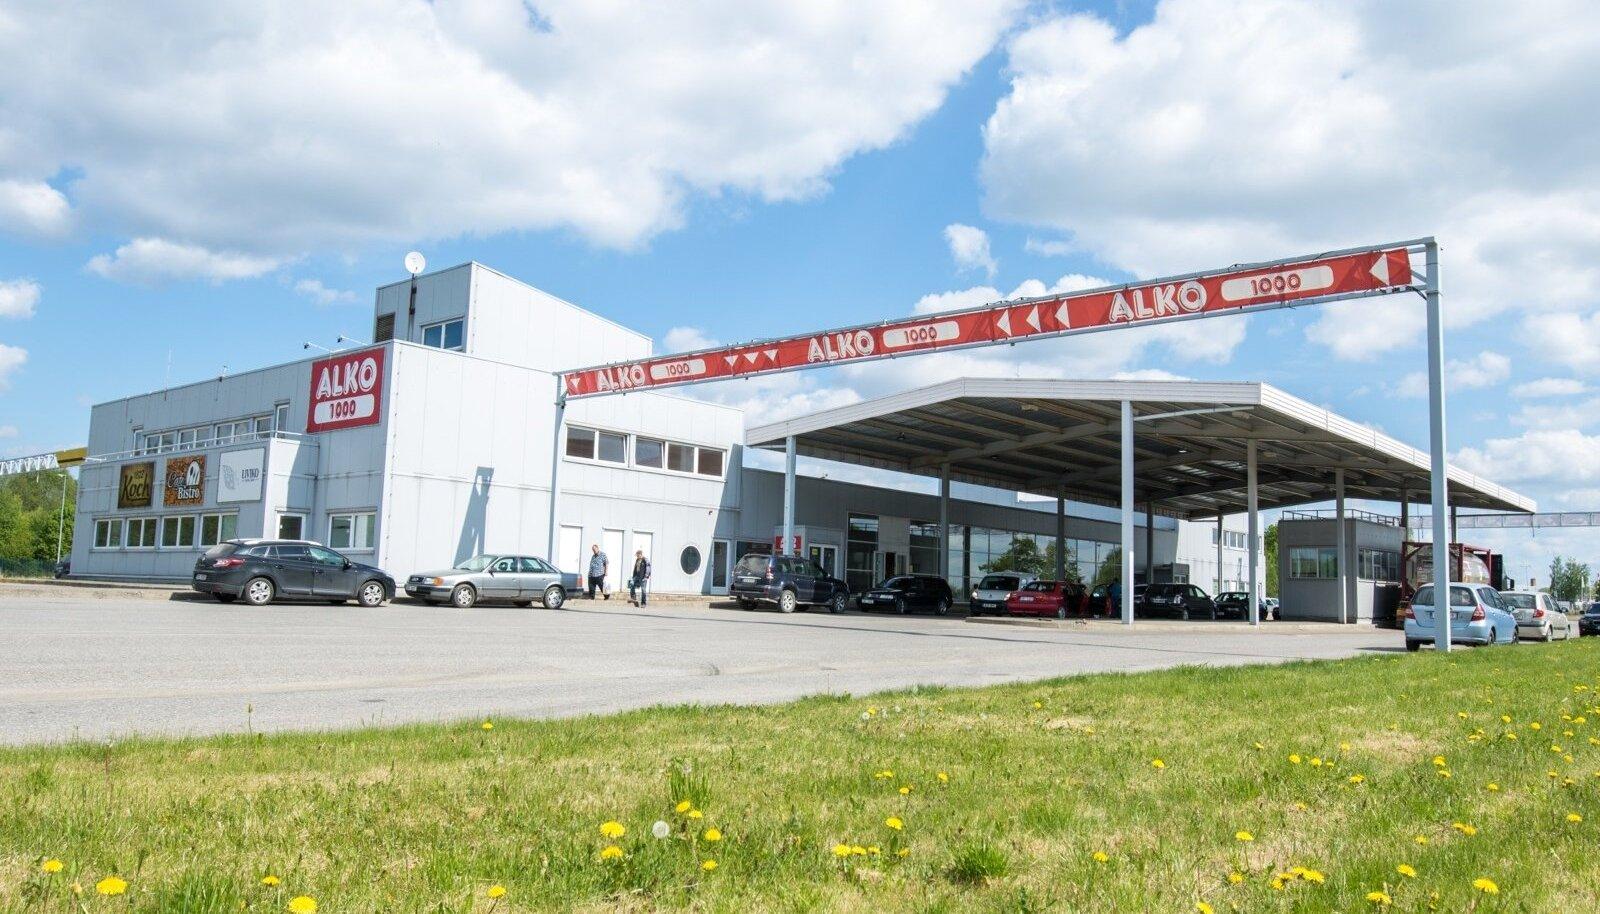 Piiriäärne Alko1000 kauplus, kus hinnad tunduvalt odavamad kui siinpool piiri.